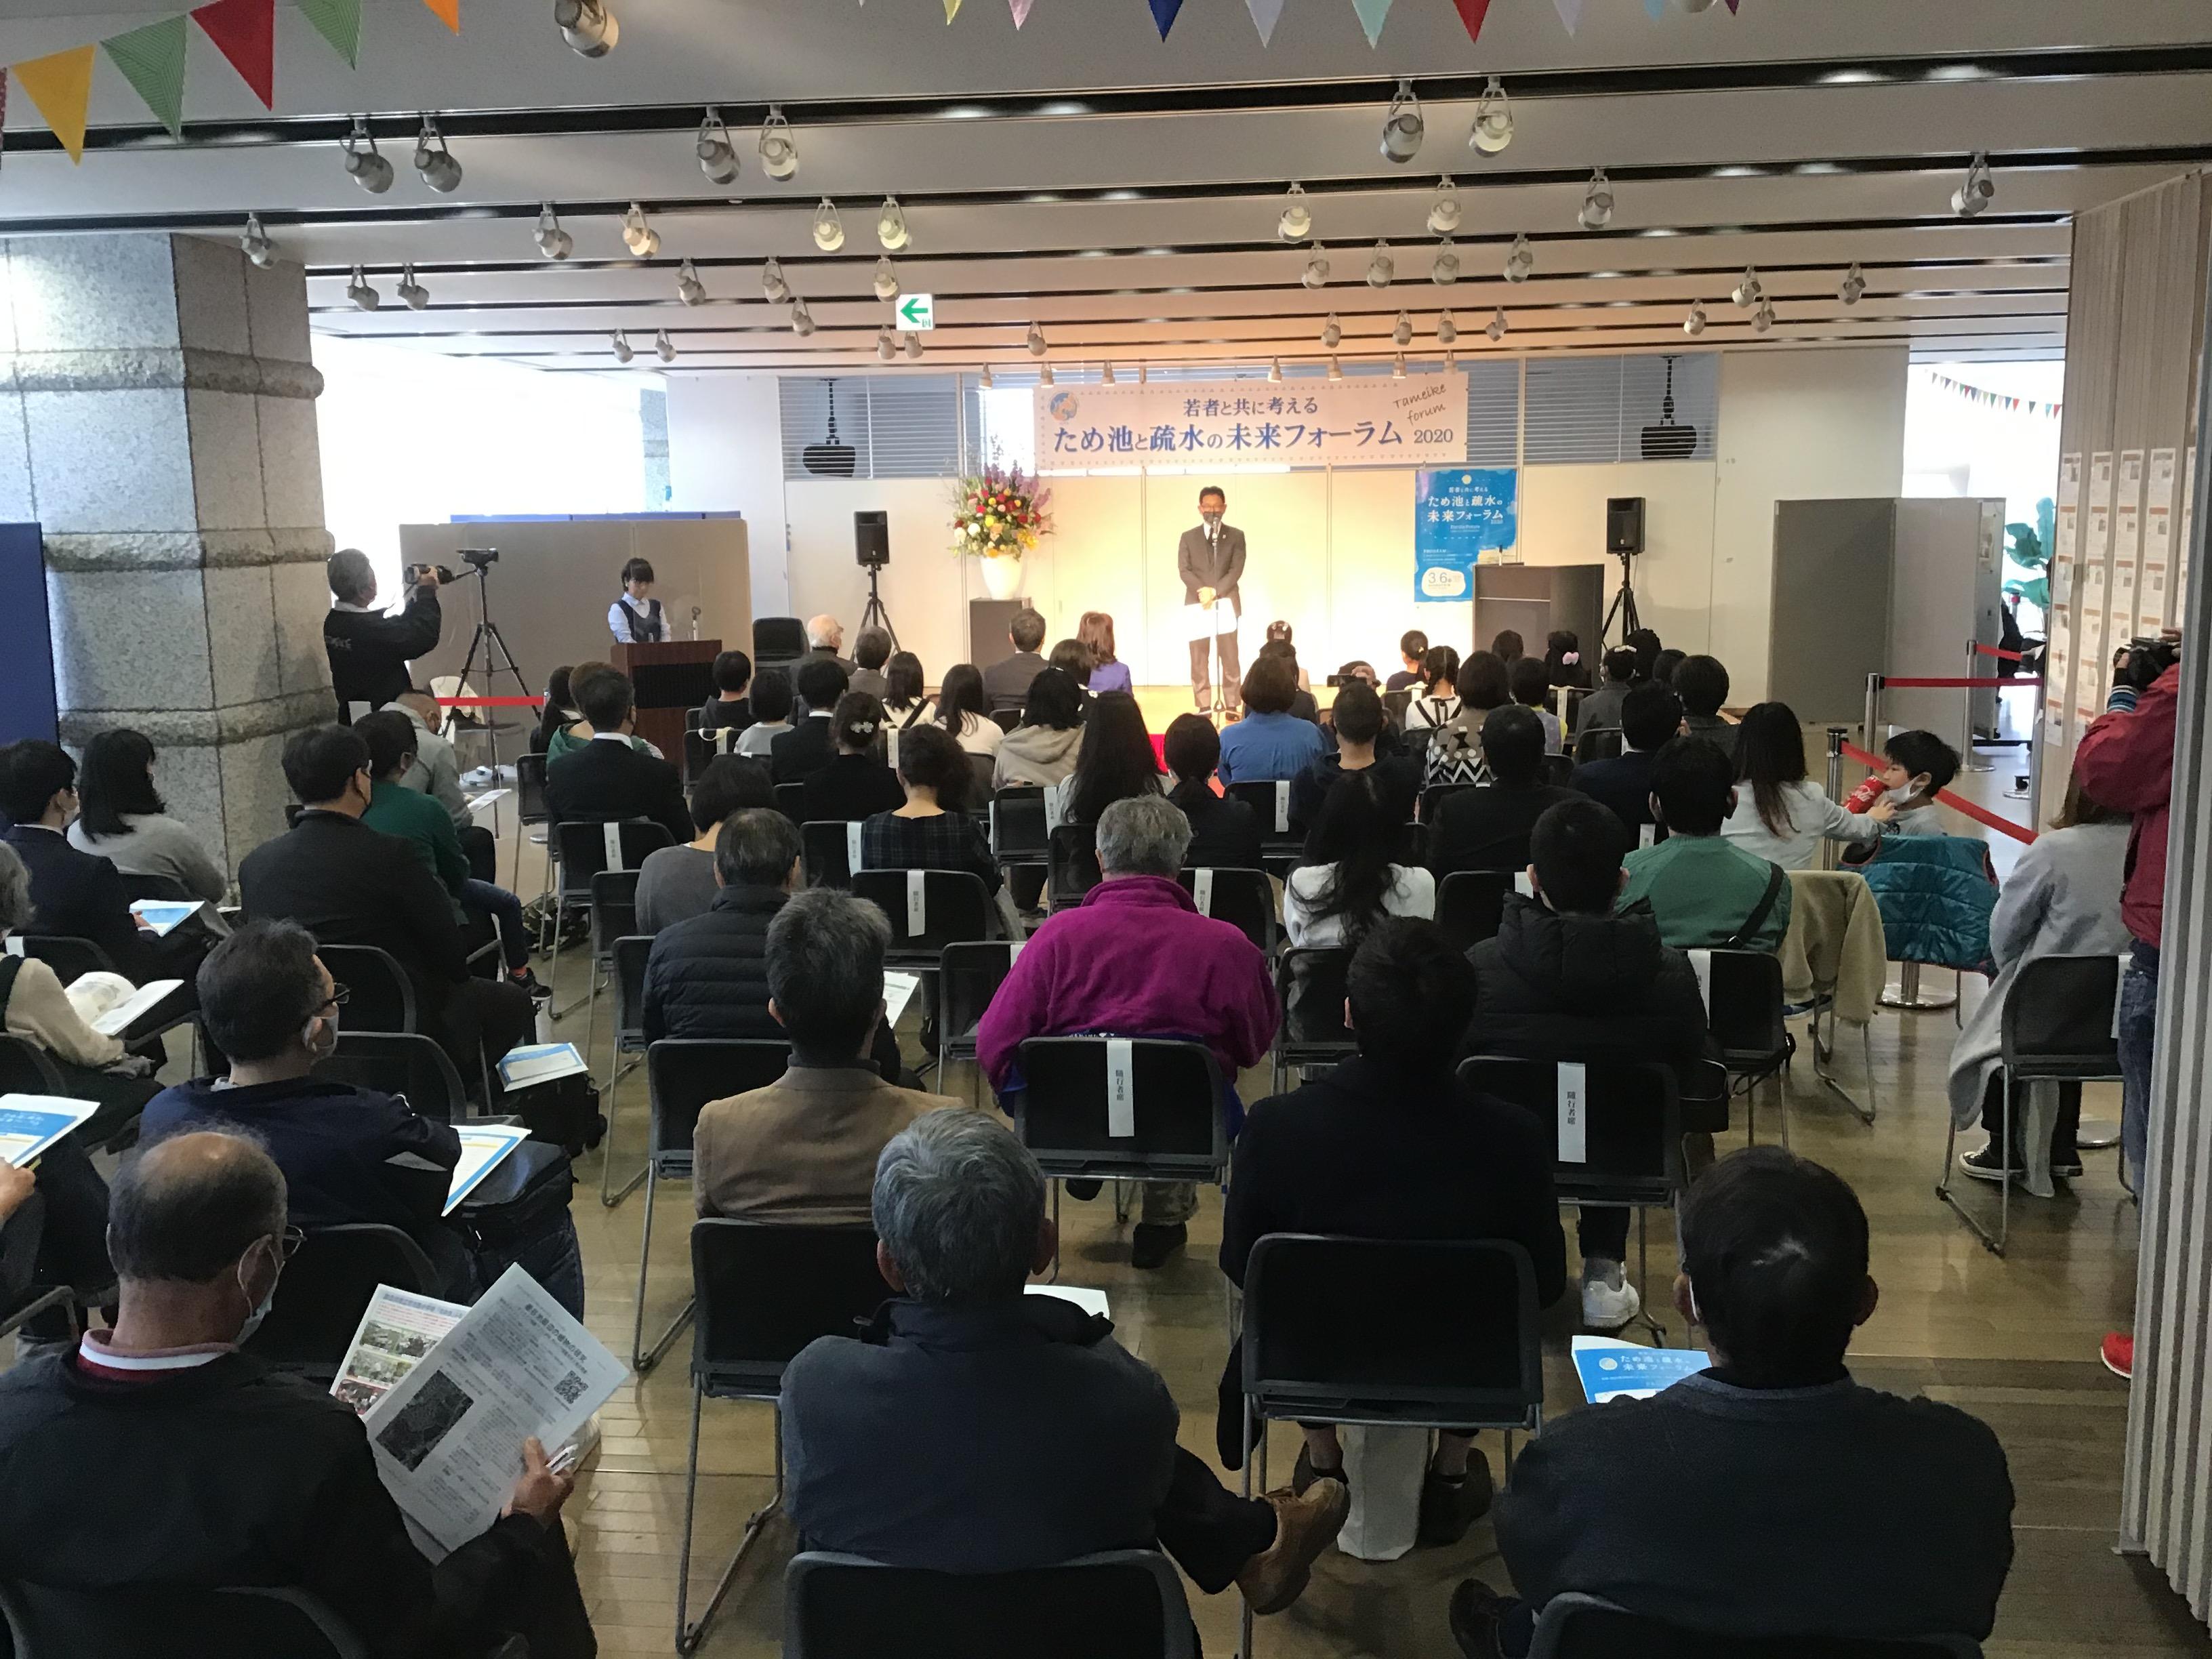 『ピンチをチャンスに変えようではないか❢❢』伊藤裕文東播磨県民局長挨拶。コロナ過の中、東播磨高校甲子園出場の明るい話題等。